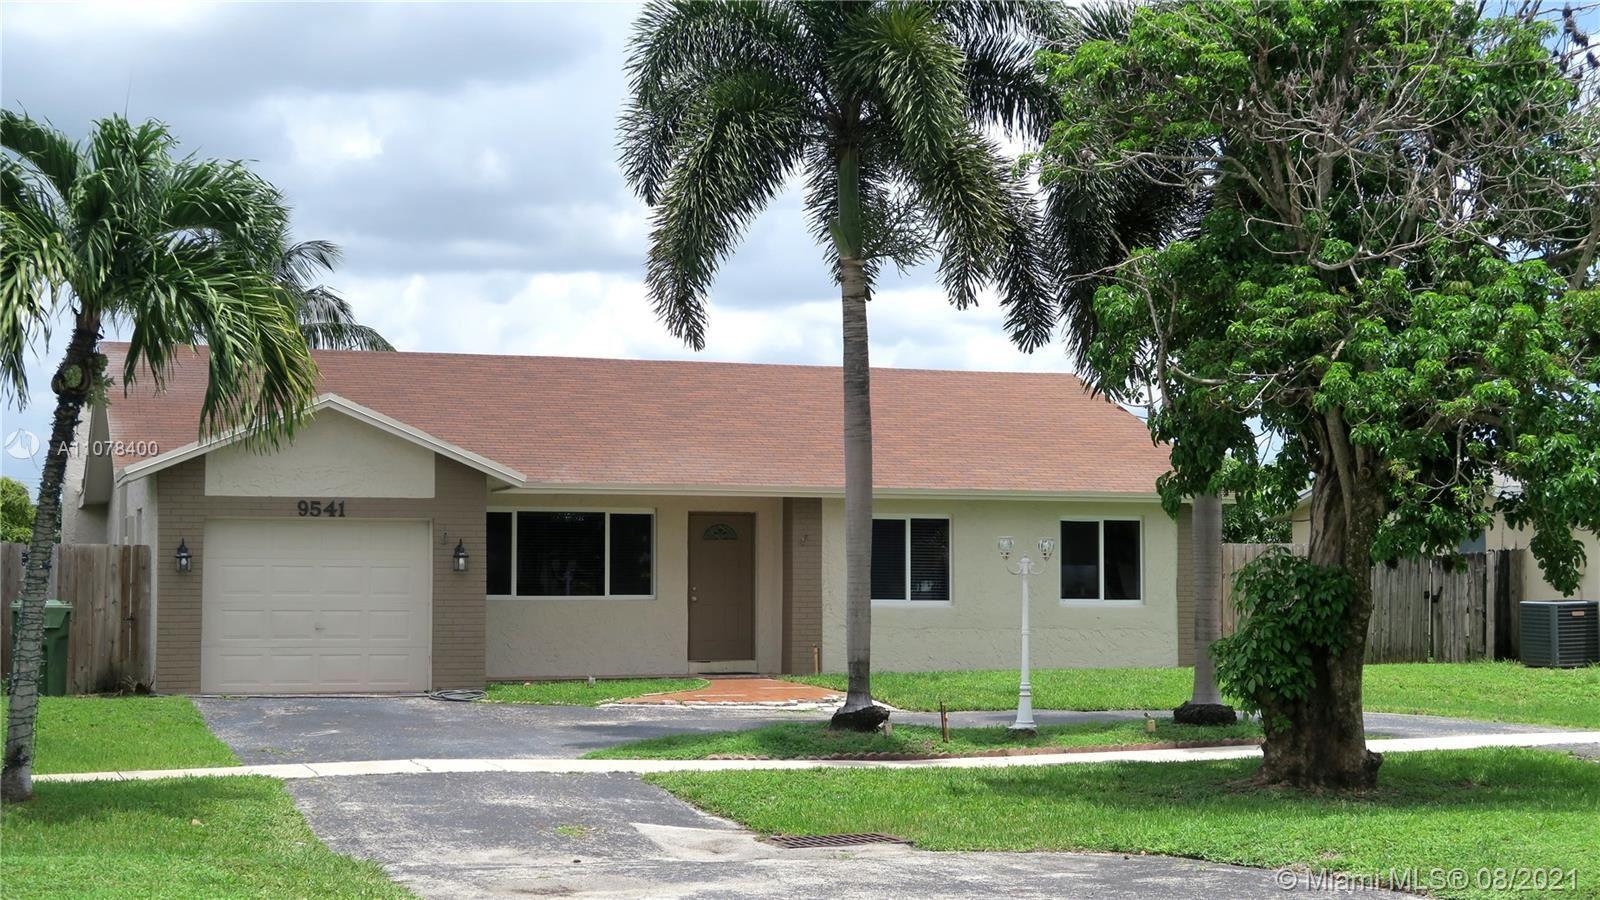 9541 Johnson St, Pembroke Pines, FL 33024 - #: A11078400